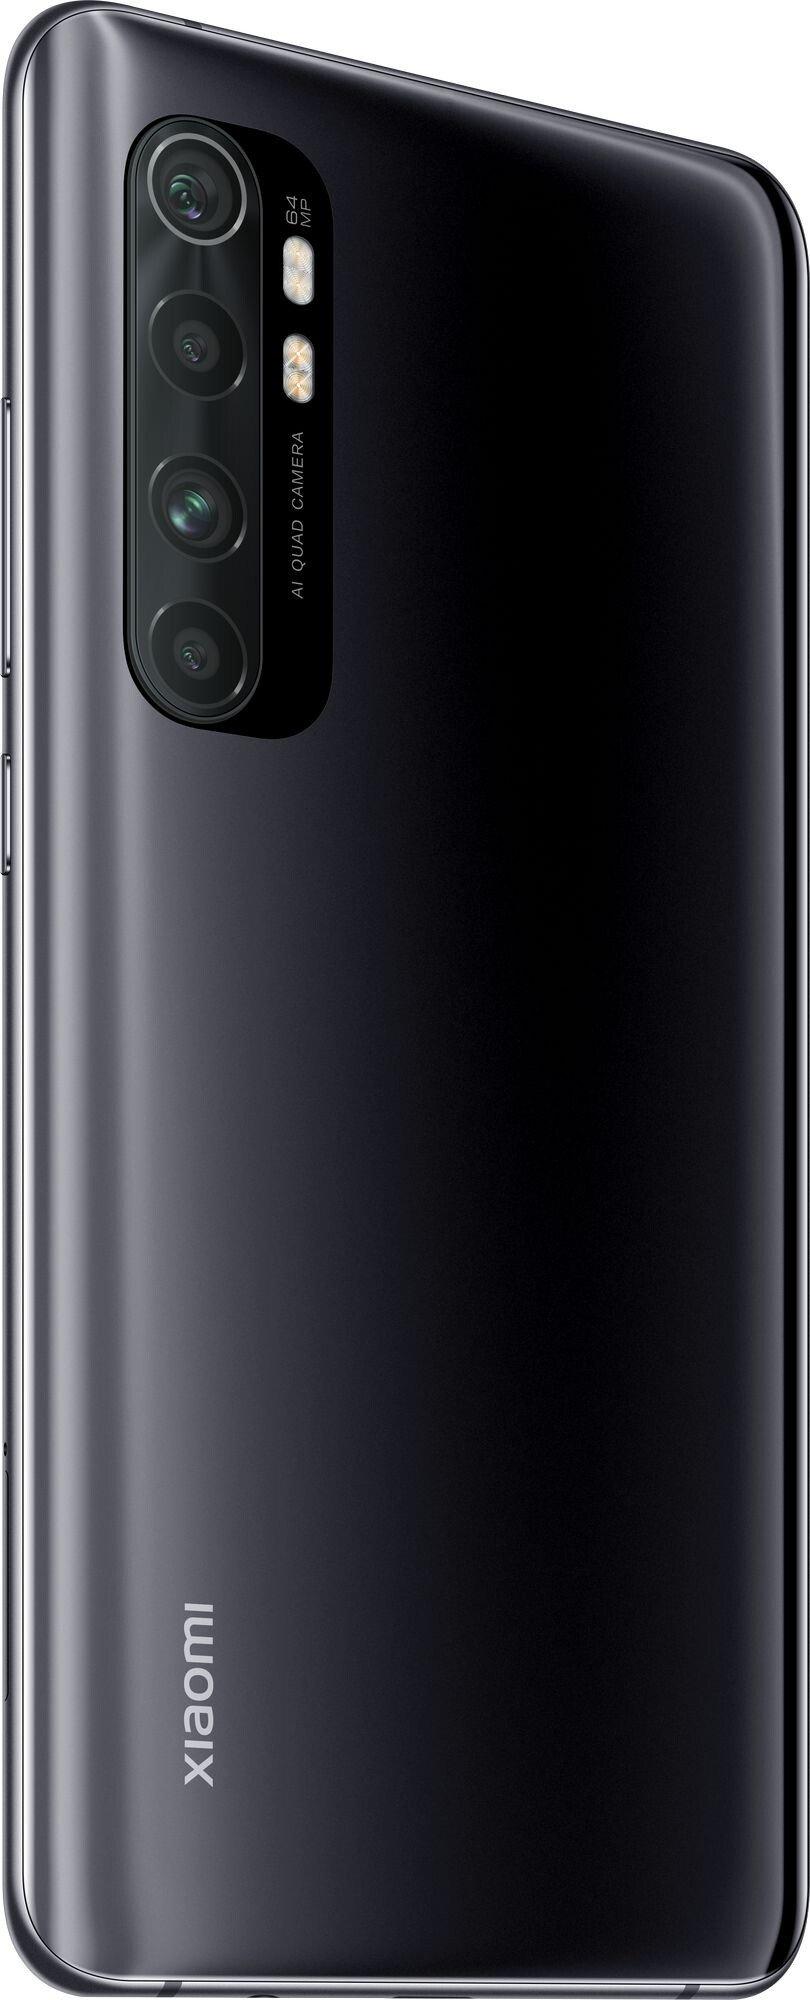 Xiaomi Mi Note 10 Lite 6/64GB BLACK - 4